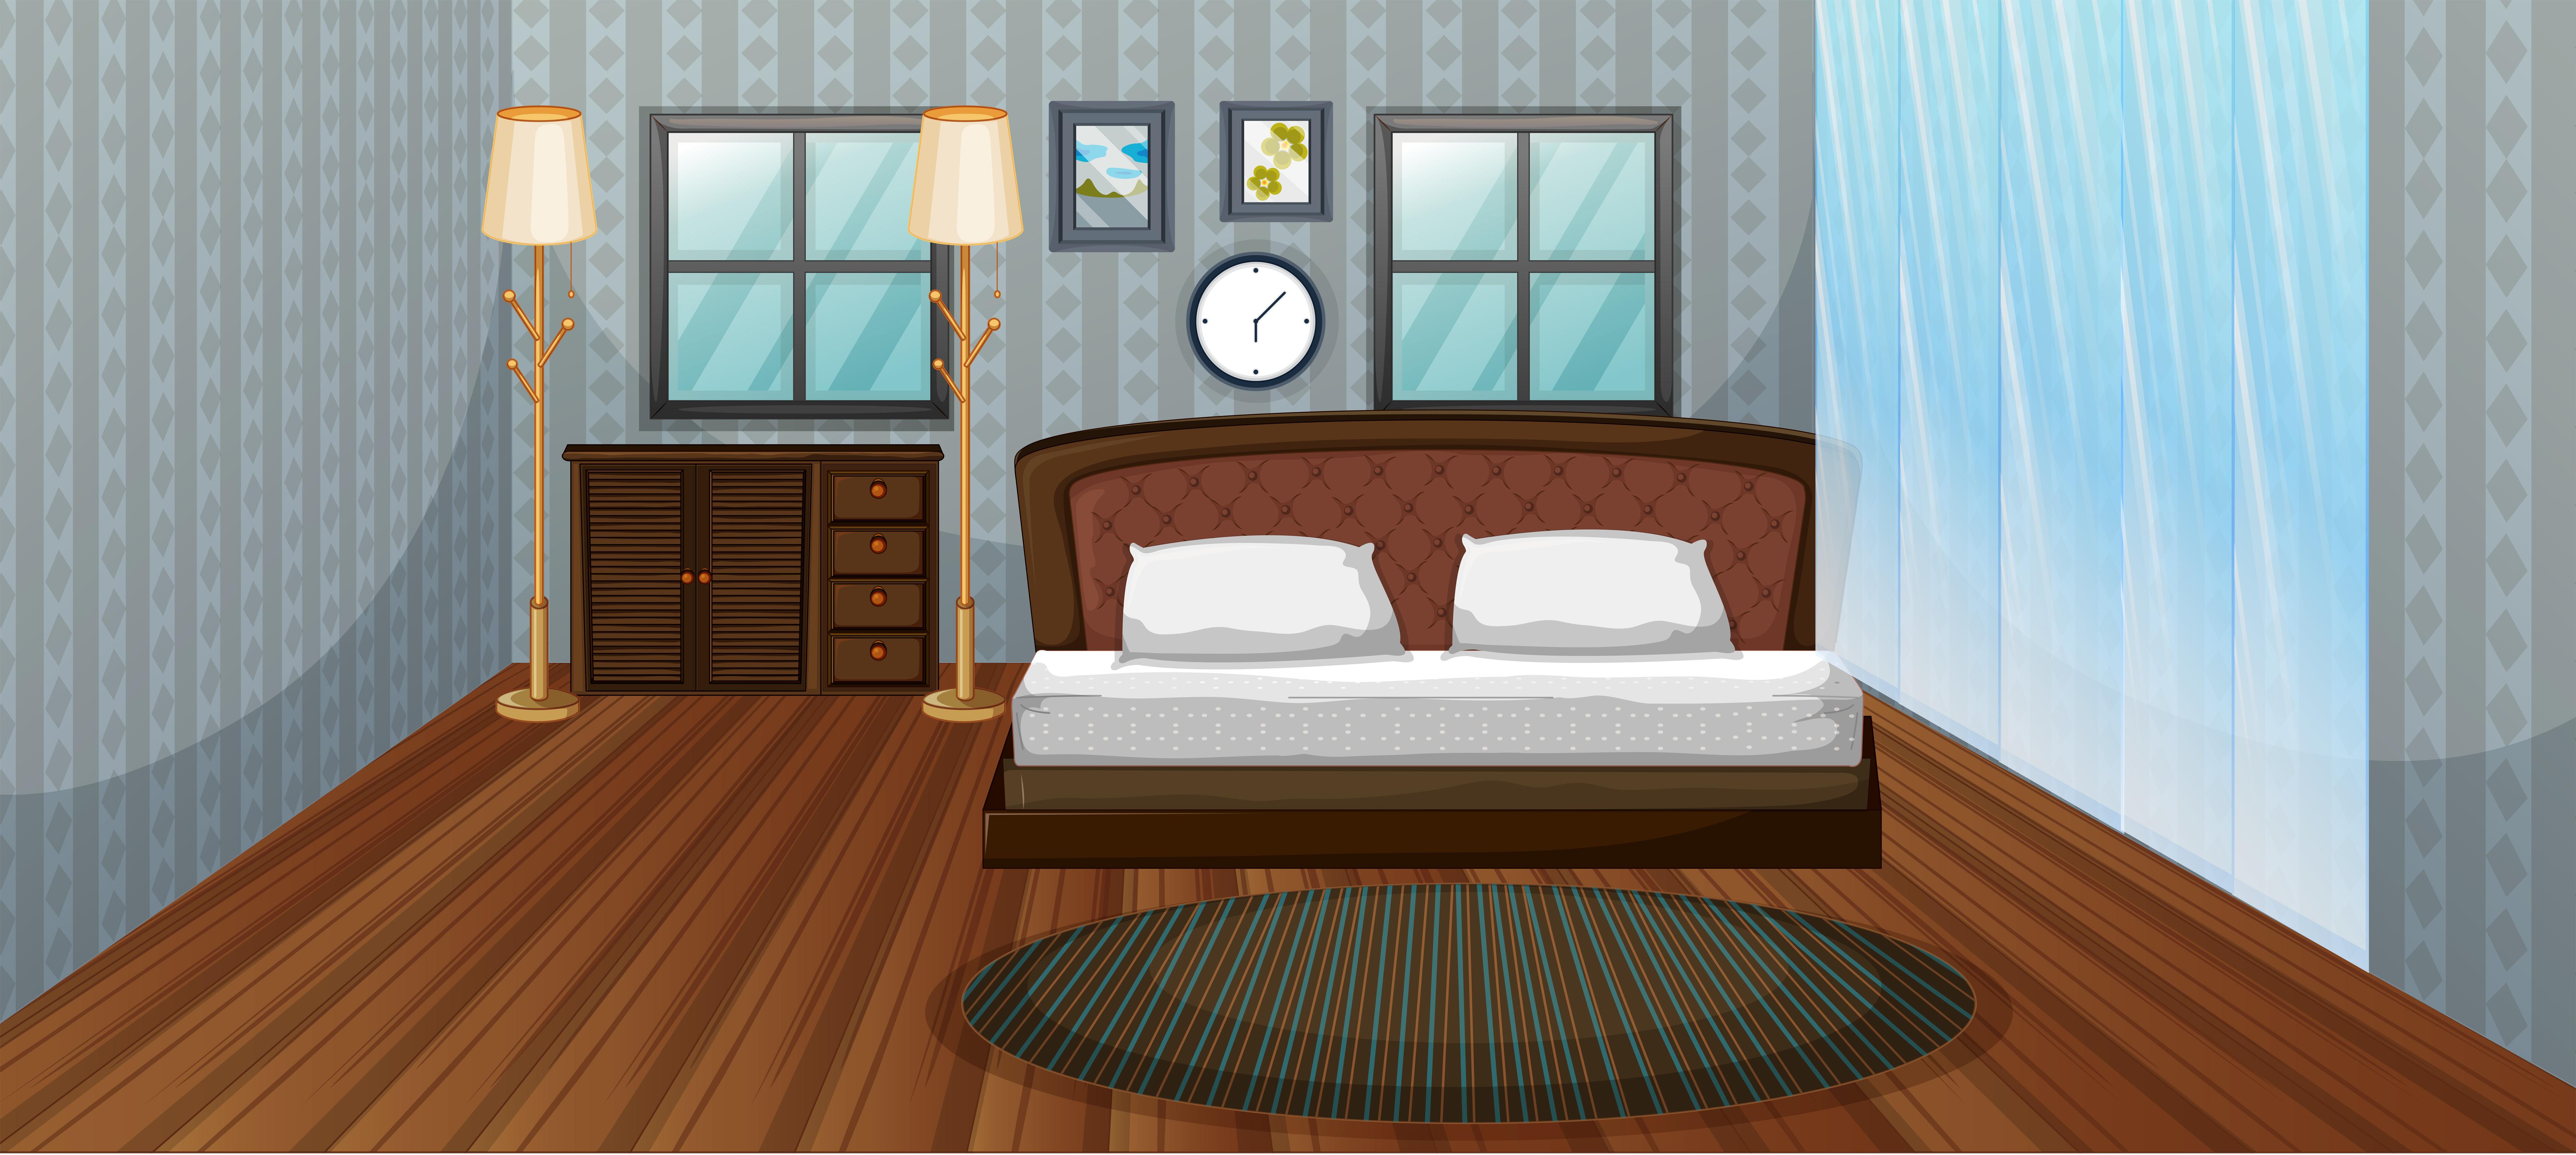 Bedroom Scene With Wooden Bed Download Free Vectors